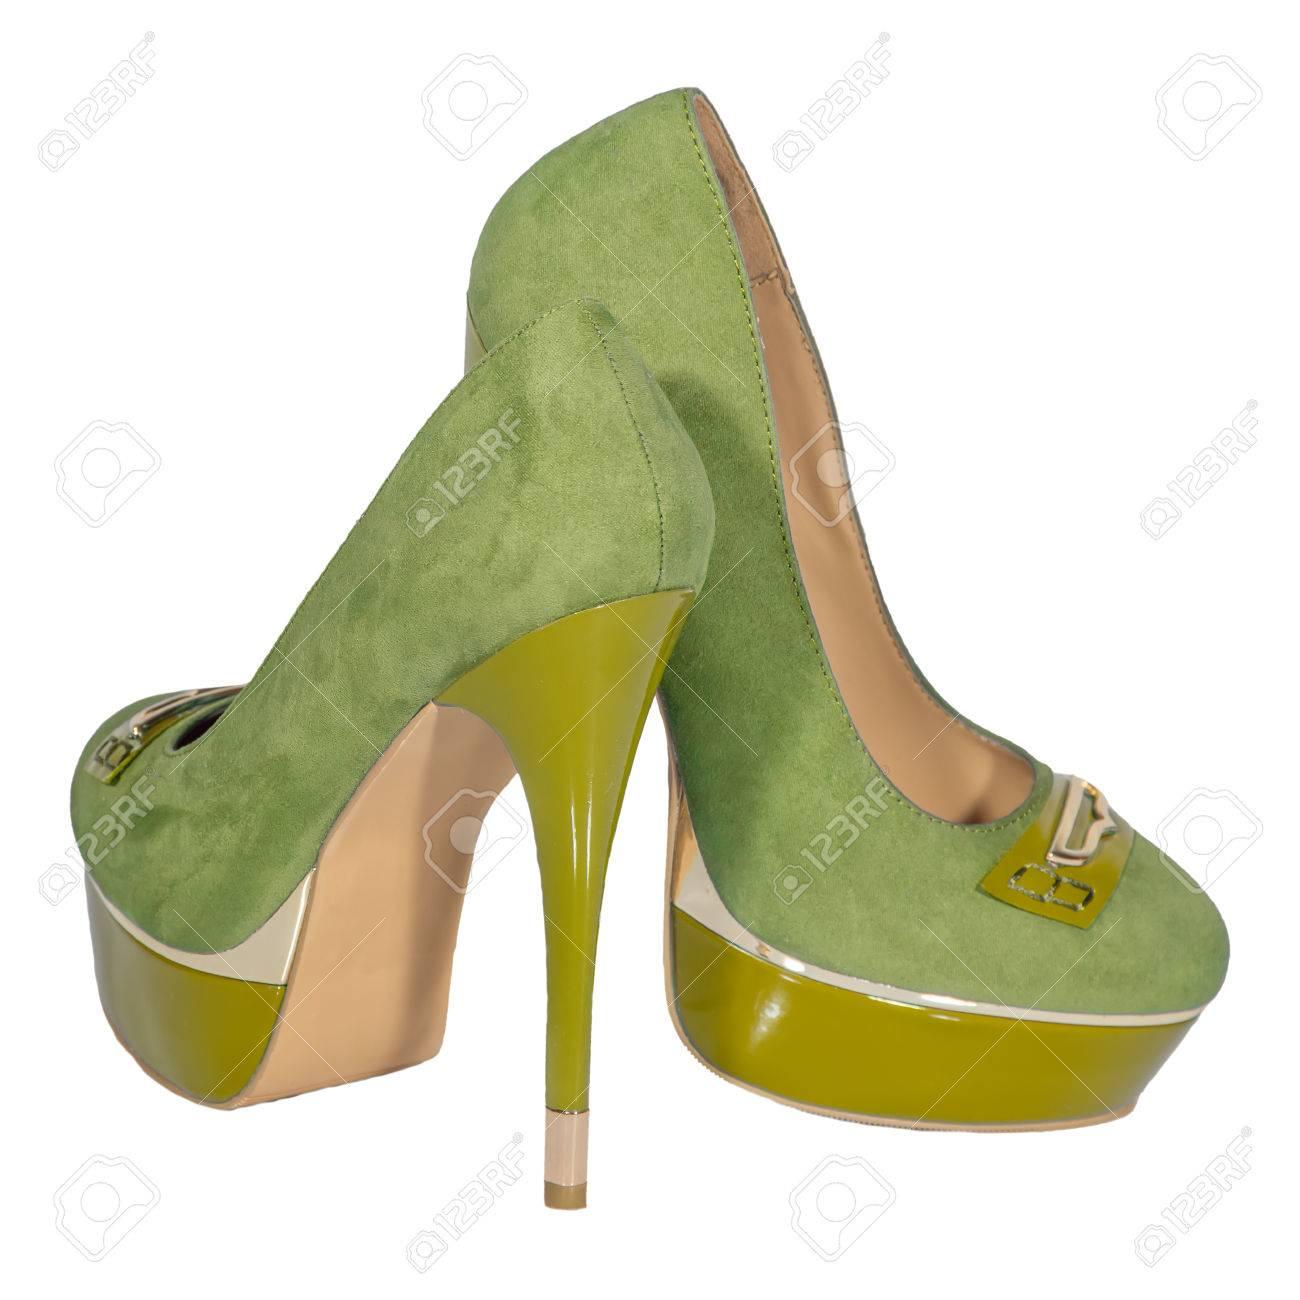 Colore Verde Sfondo Di Alto Bianco Giallo Tacco Scarpe Donna Isolato 86qIZZ